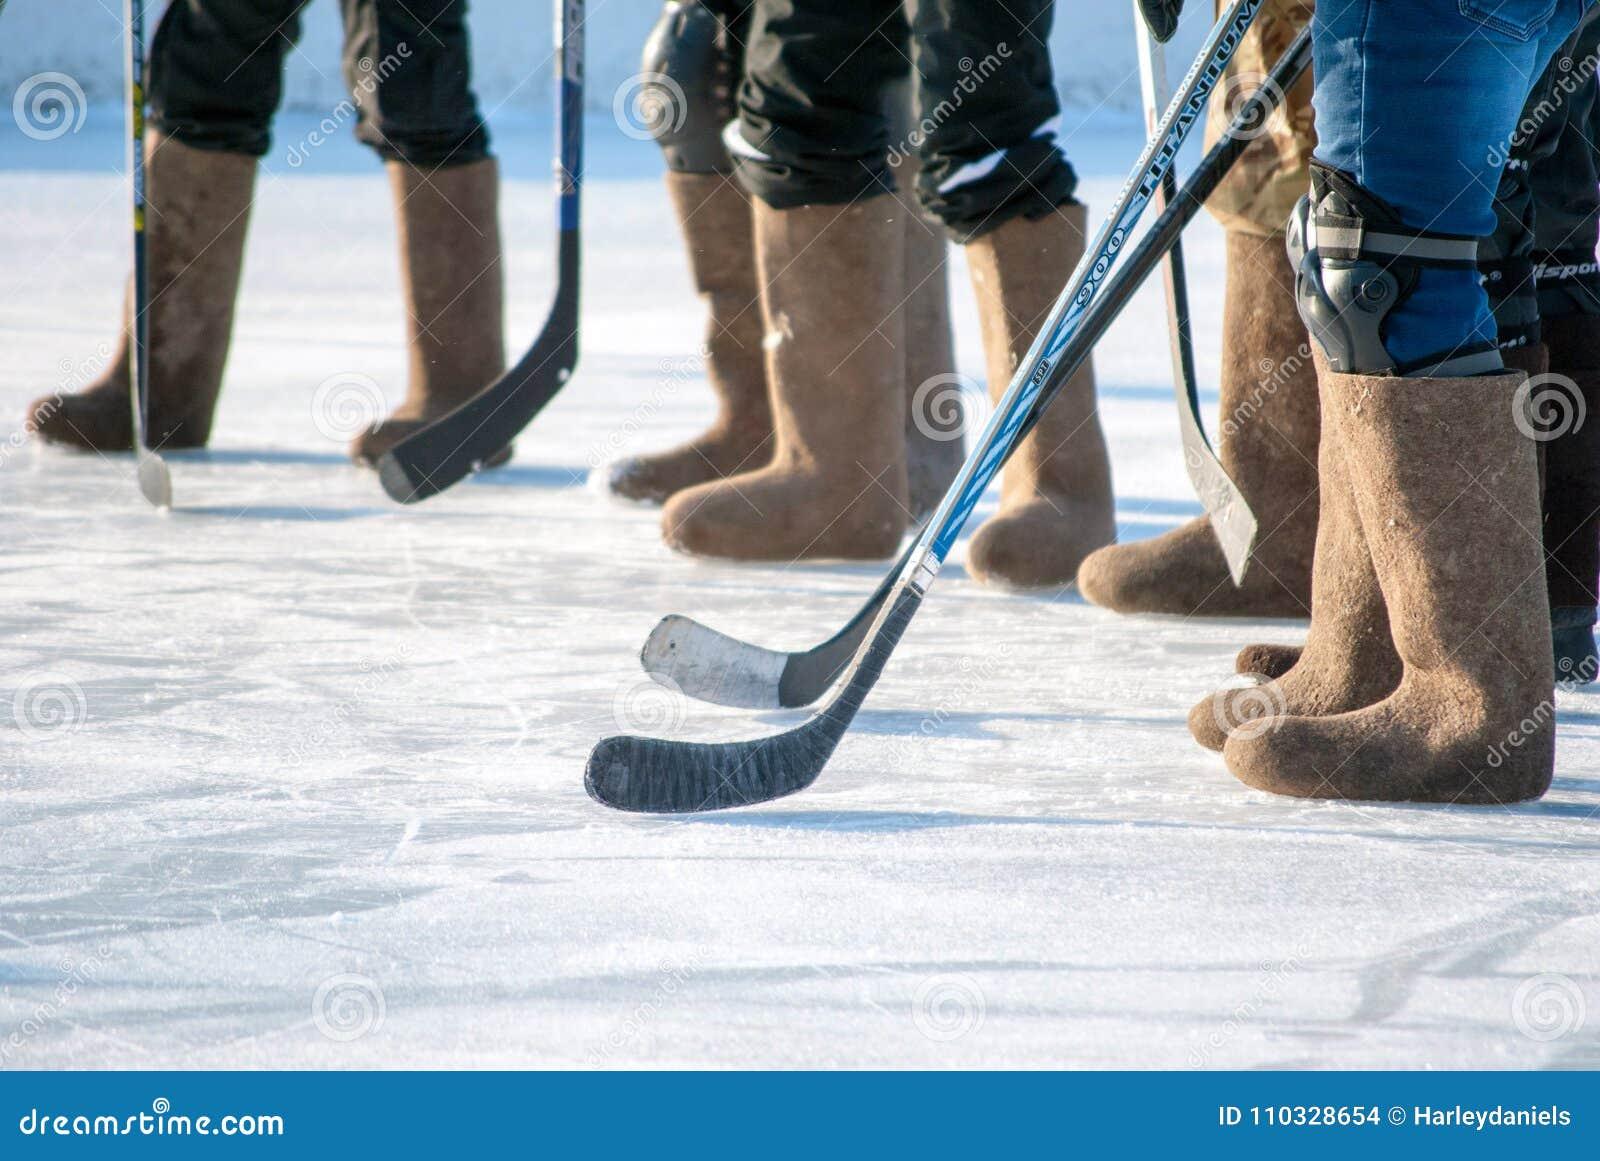 Хоккей на льде в ботинках войлока, горизонтальная съемка ног команды спорта